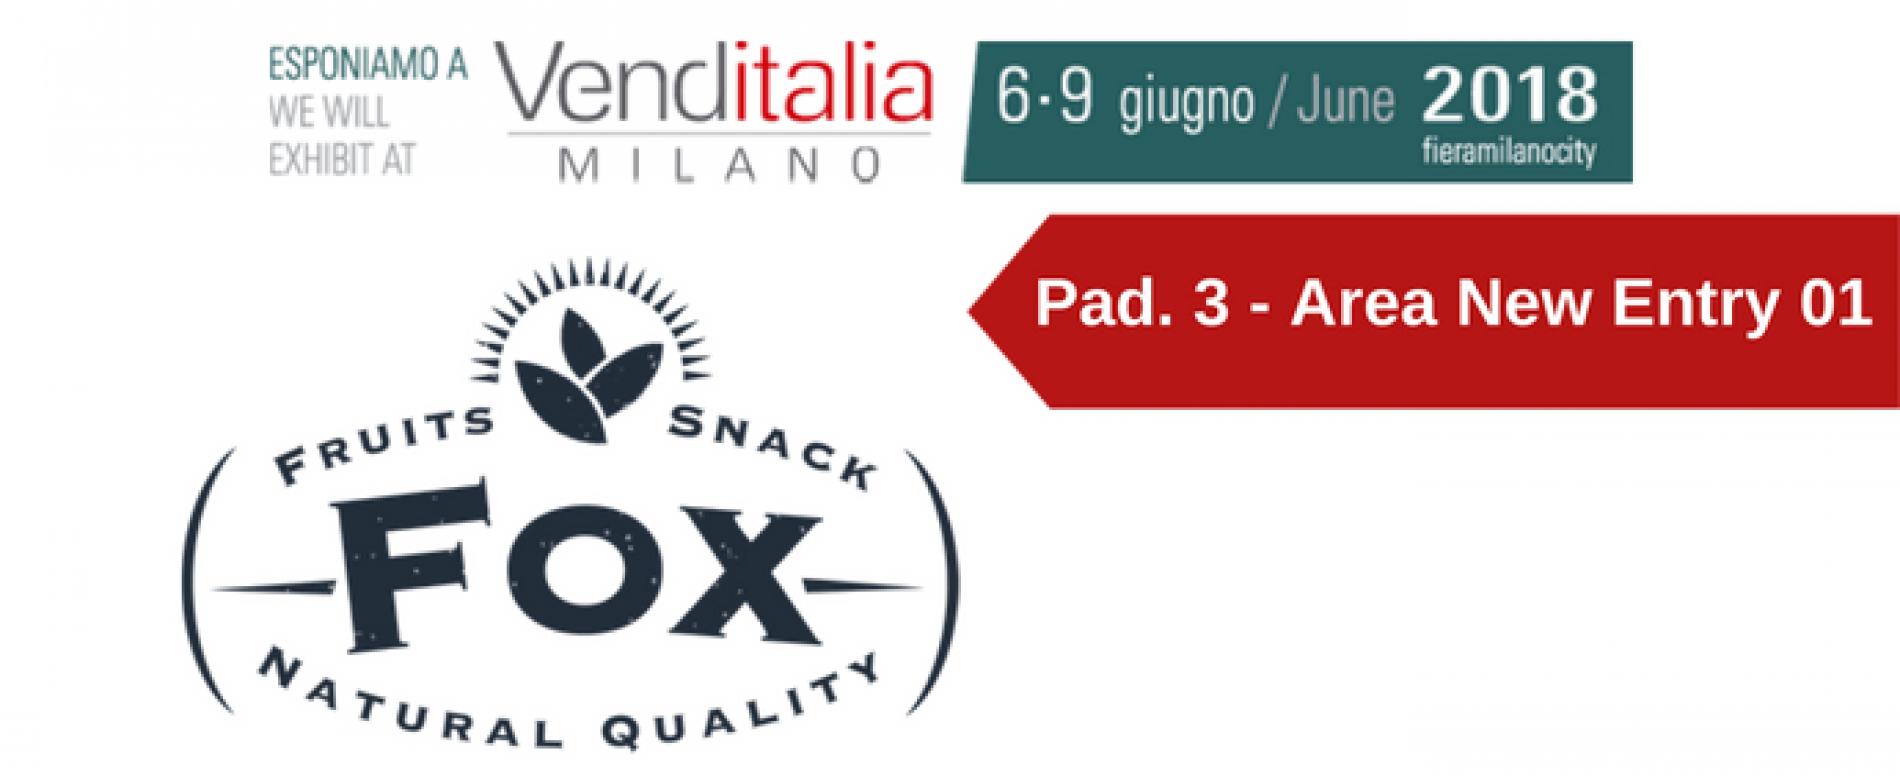 Venditalia 2018. Le novità di FOX ITALIA